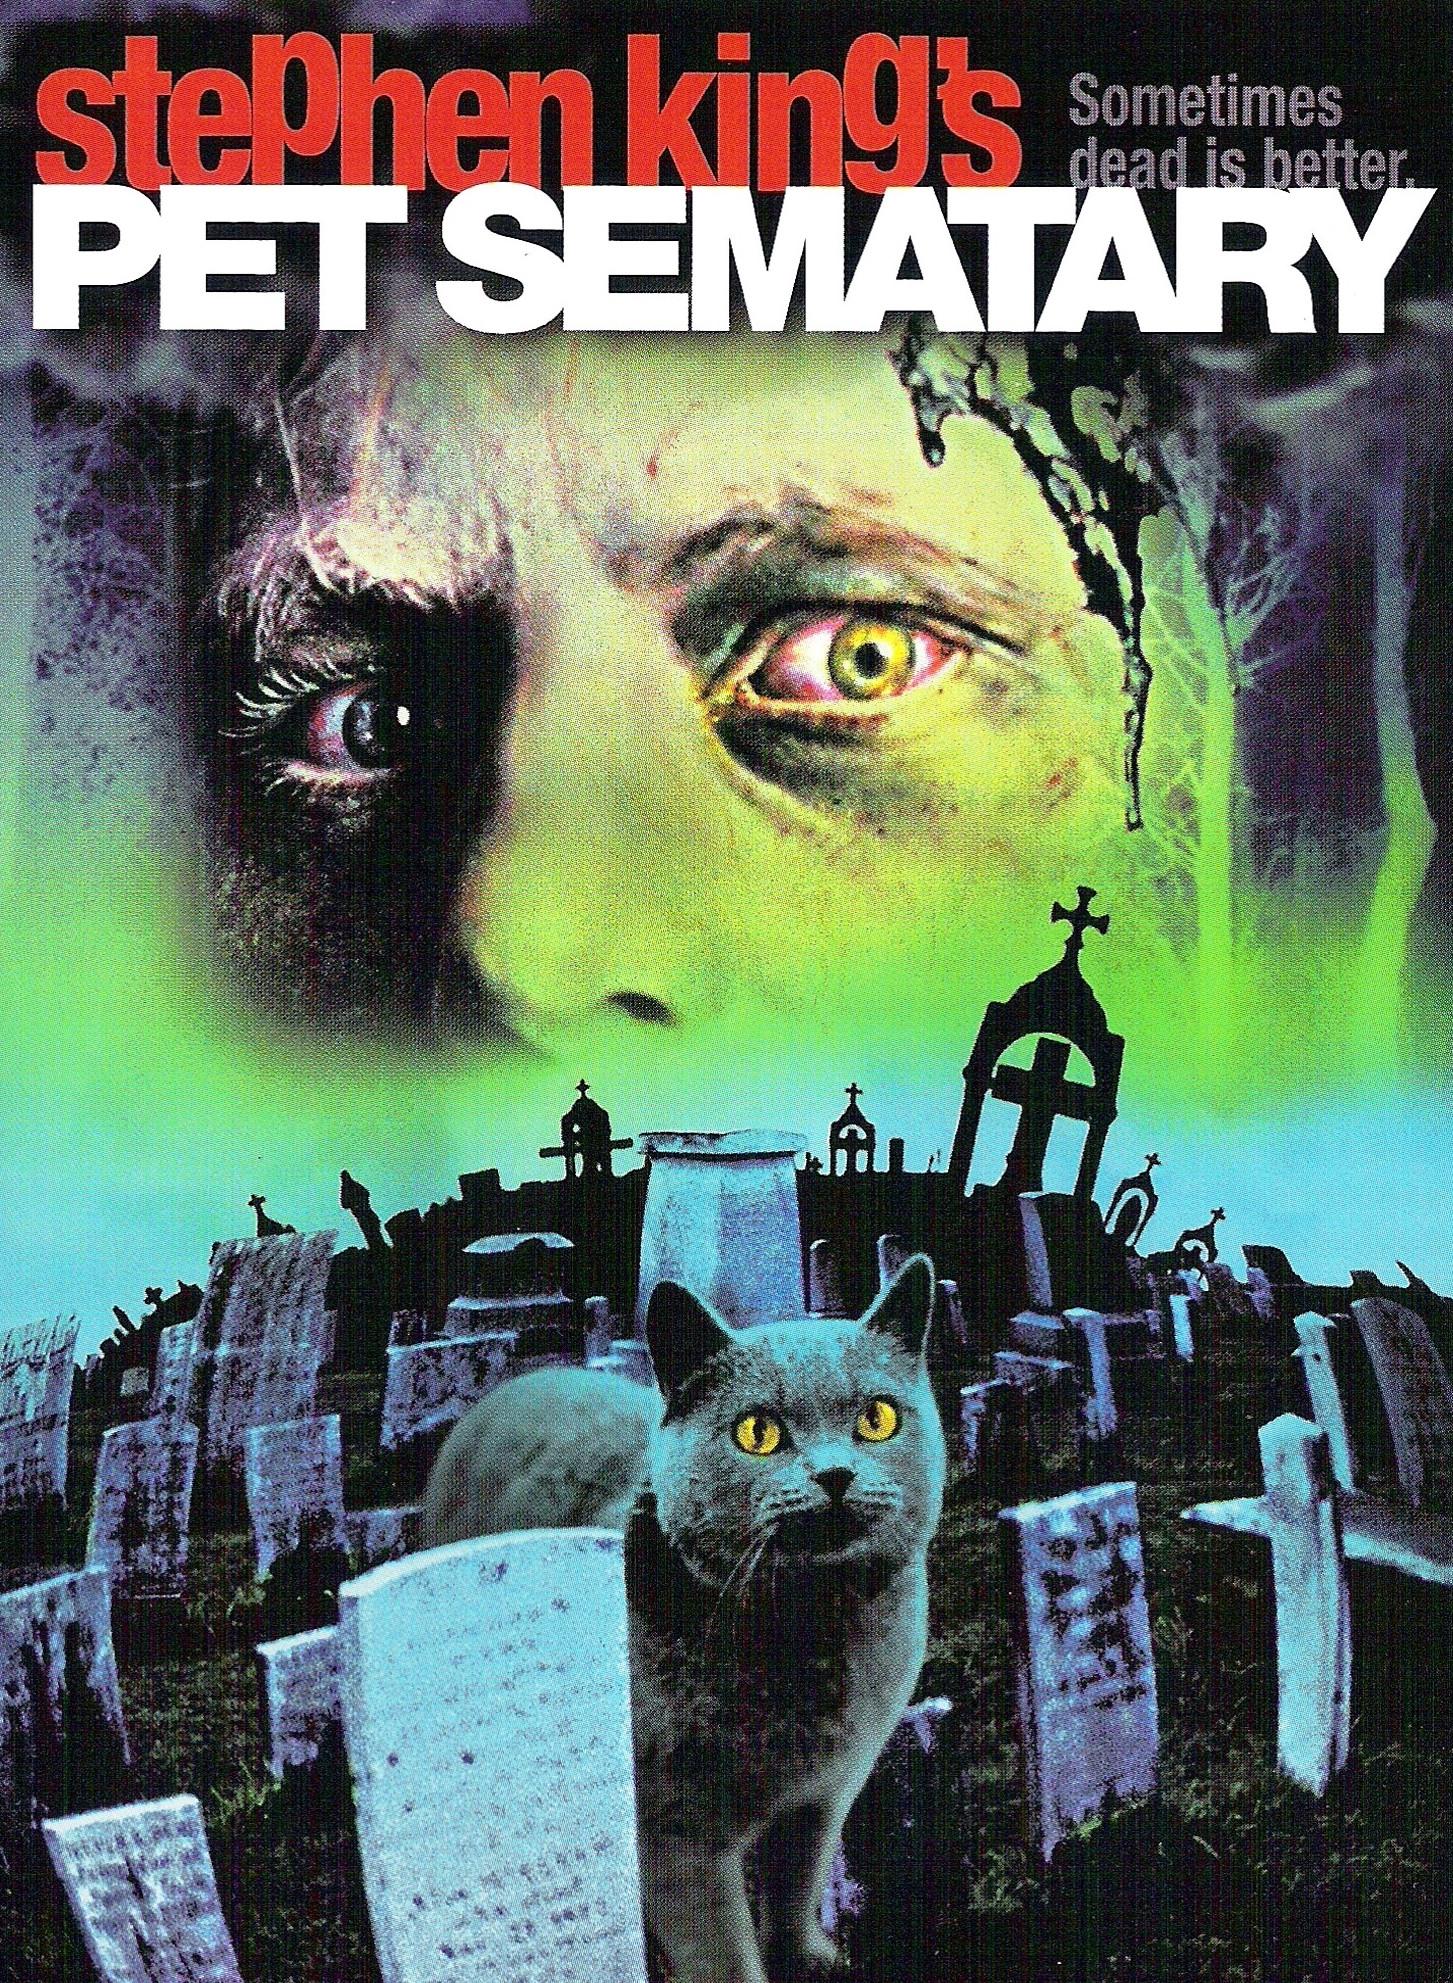 pet-sematary (1).jpg